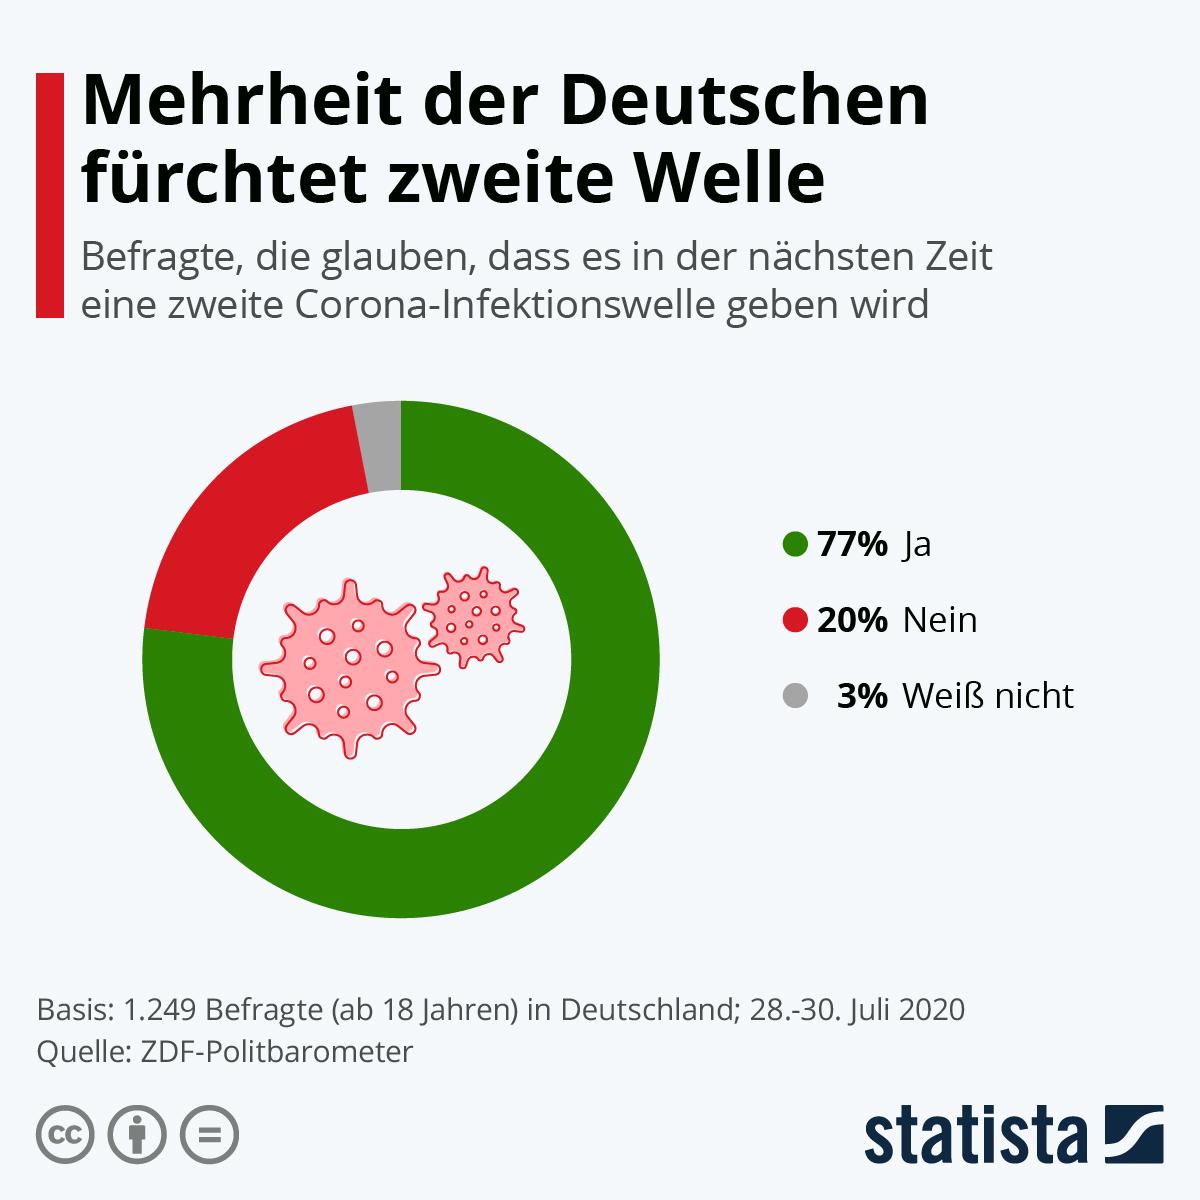 Infografik: Mehrheit der Deutschen fürchtet zweite Welle | Statista